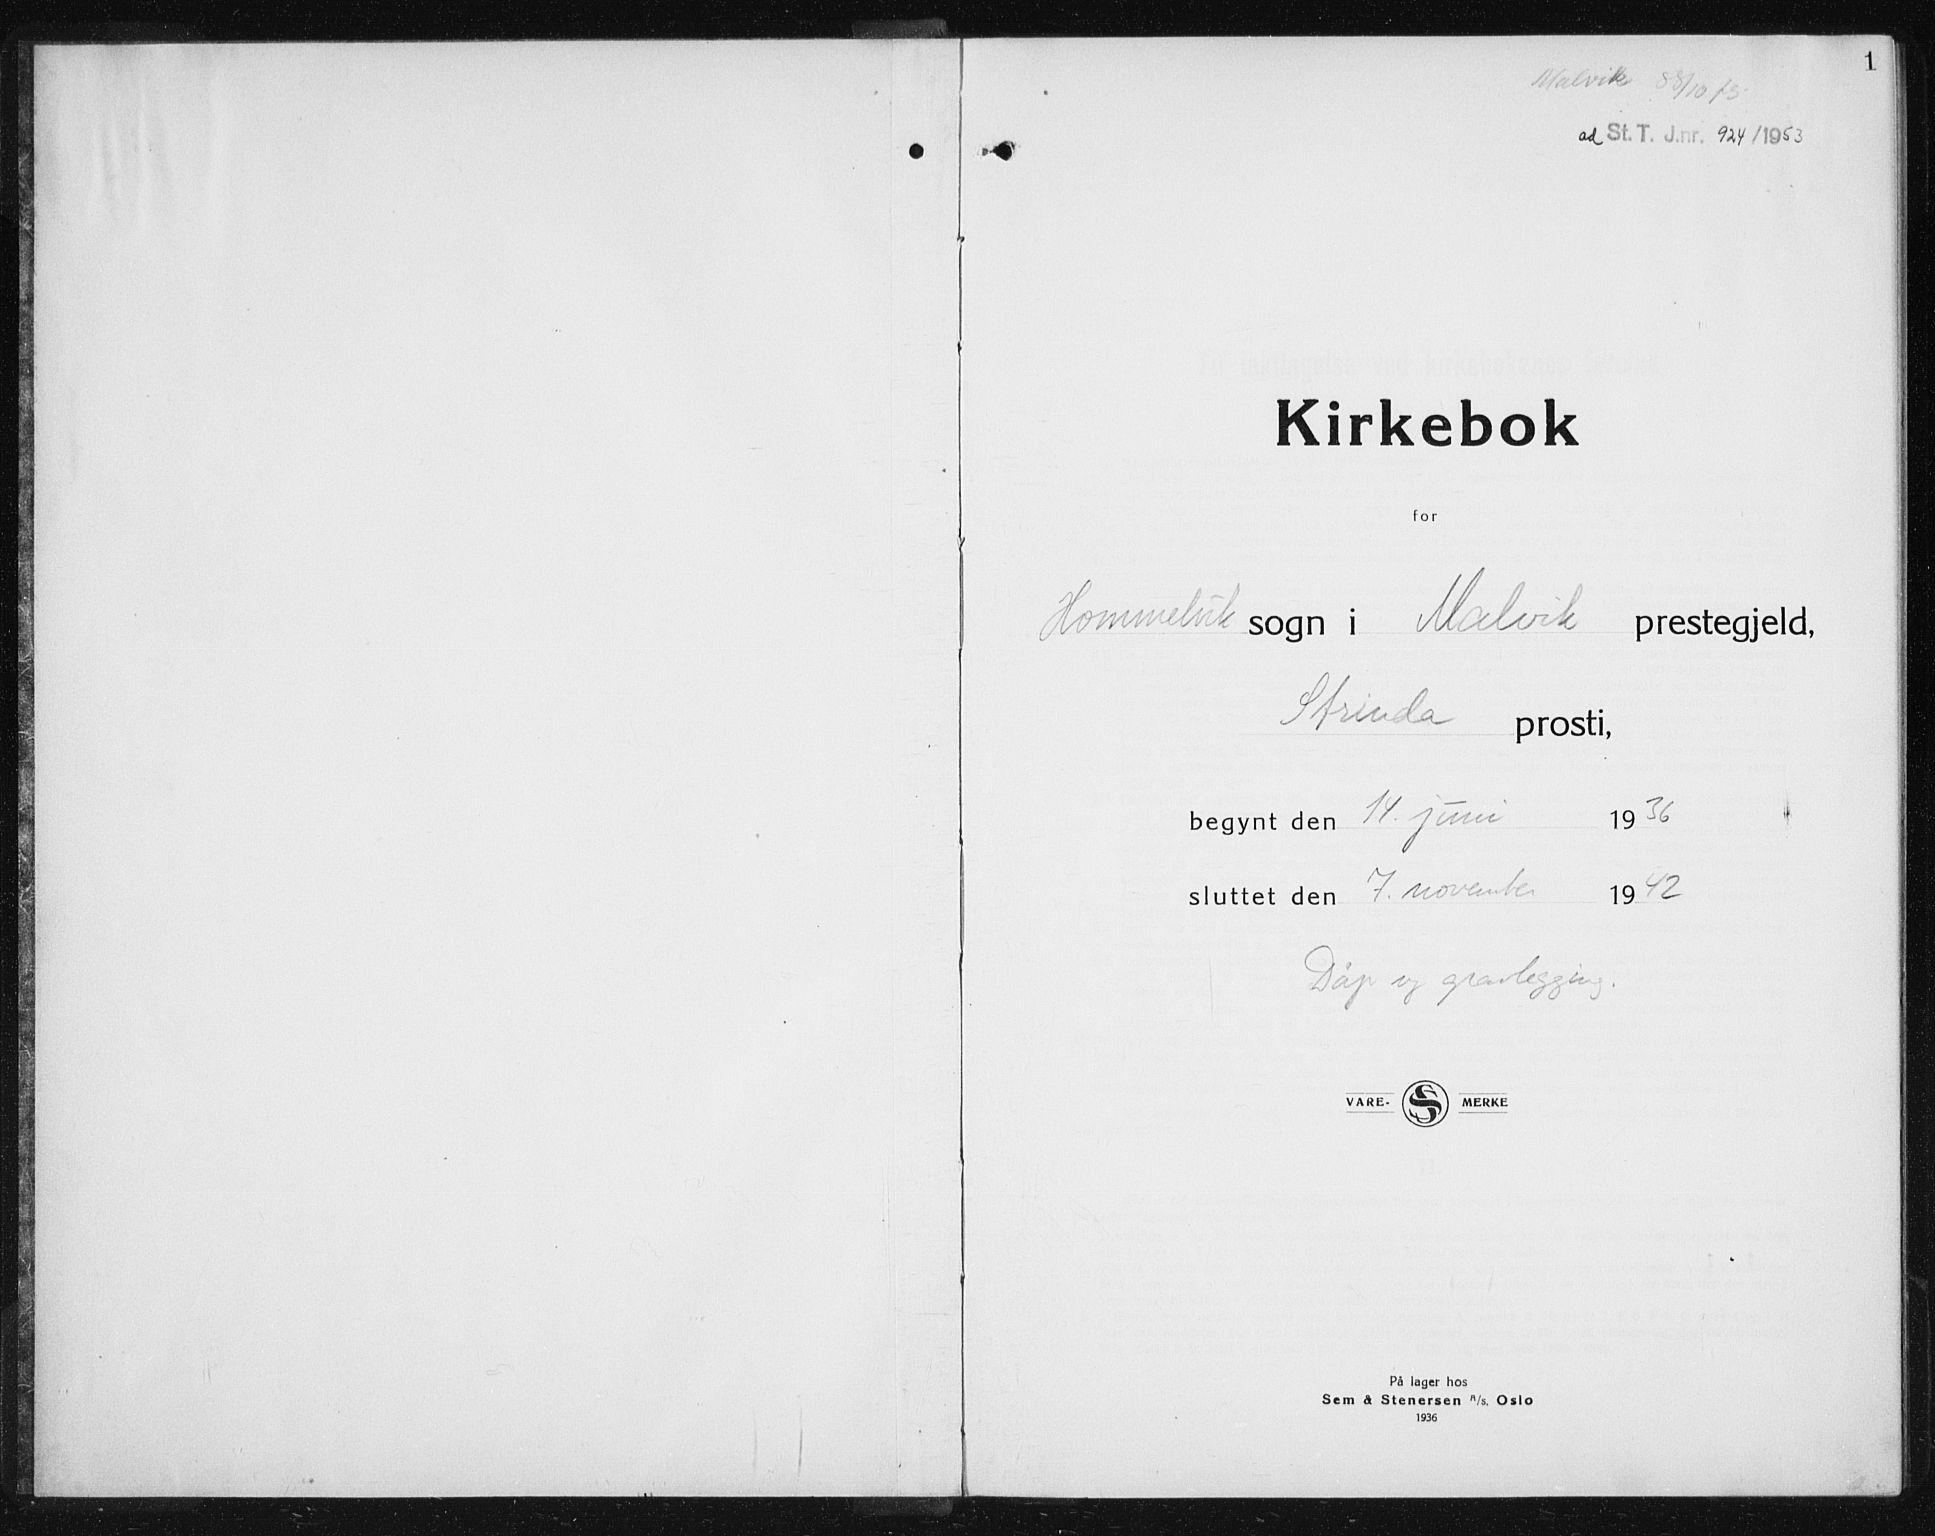 SAT, Ministerialprotokoller, klokkerbøker og fødselsregistre - Sør-Trøndelag, 617/L0432: Klokkerbok nr. 617C03, 1936-1942, s. 1